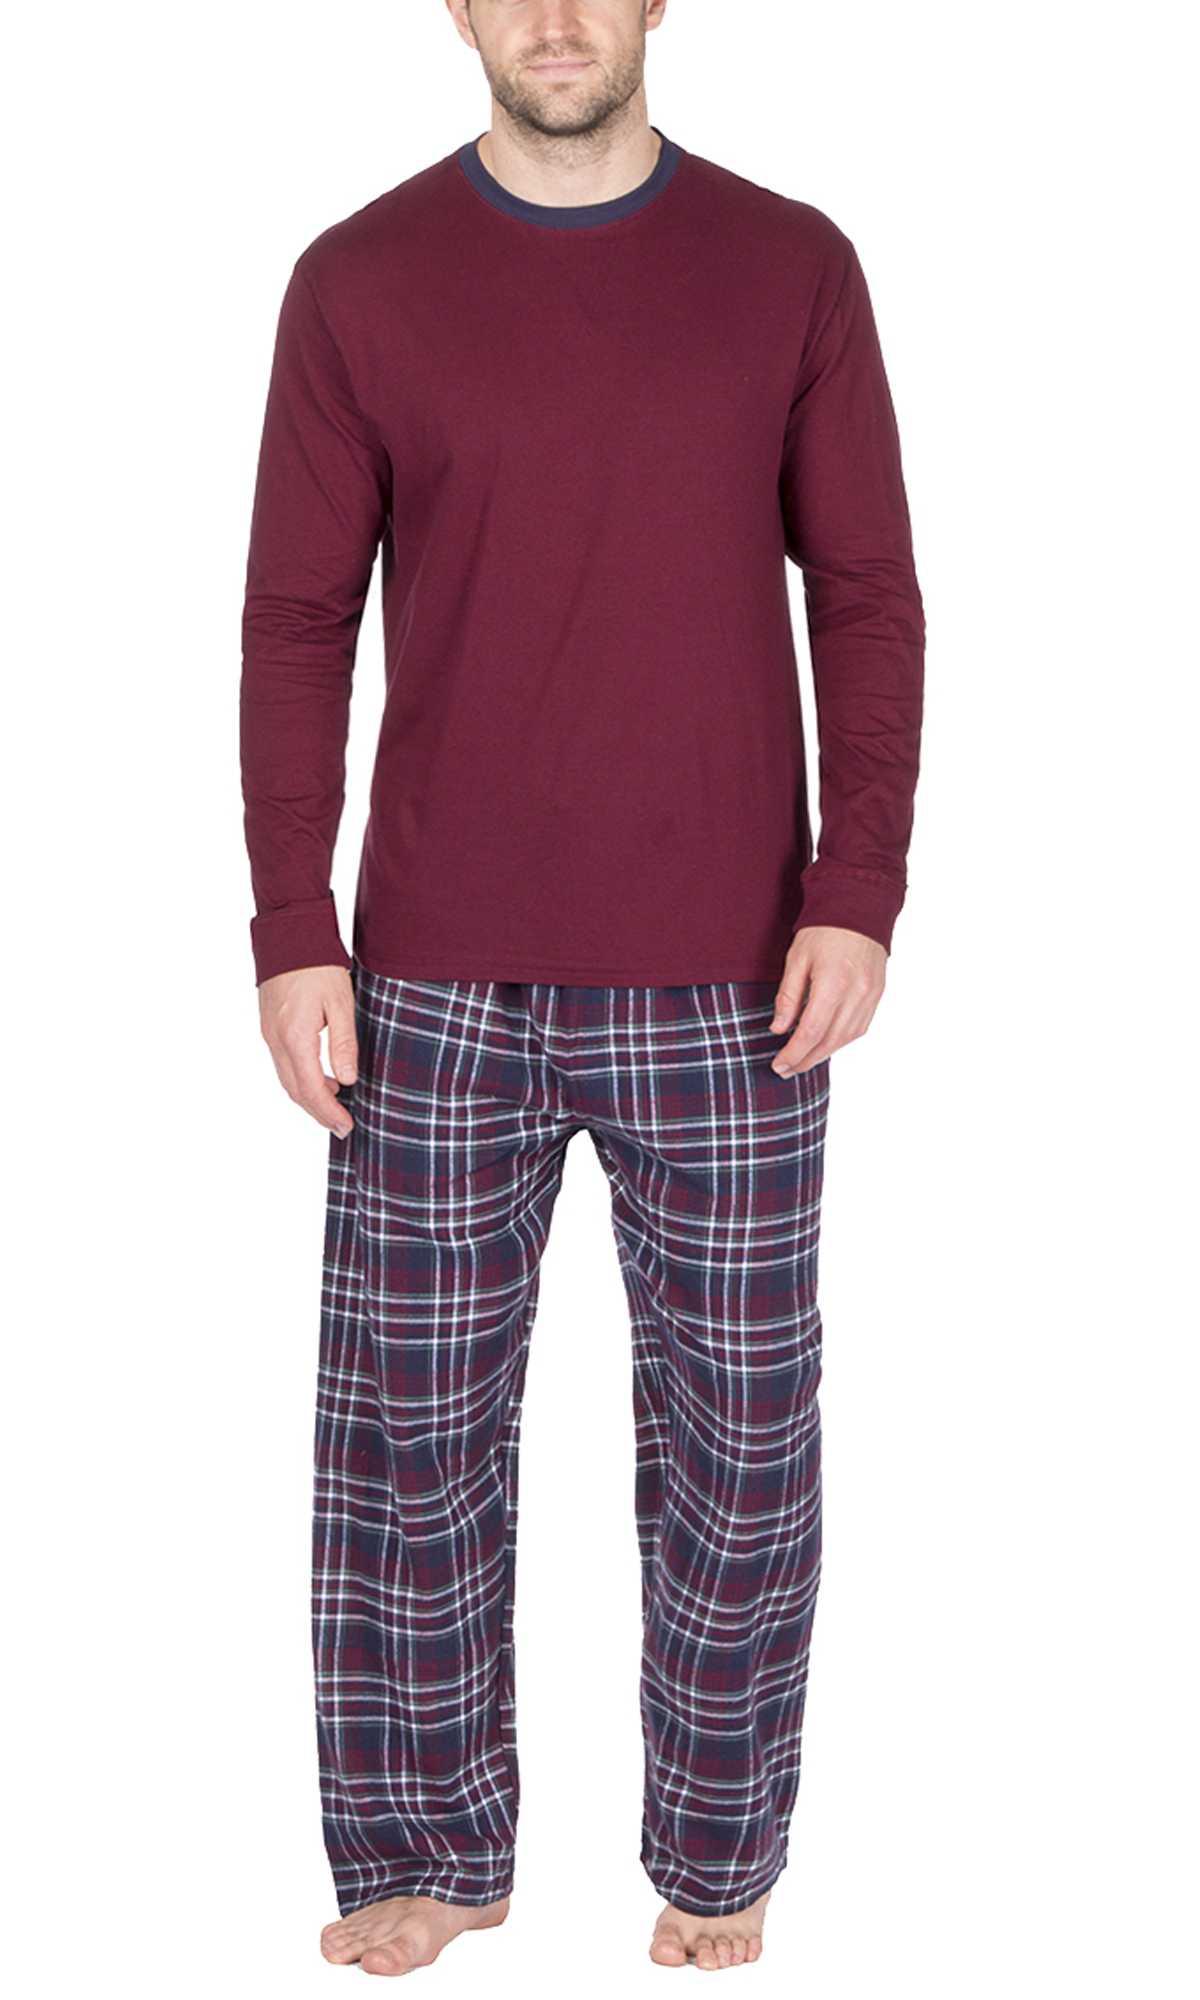 1d29a6677b Mens Warm Fleece Jersey Winter PJ Pyjama Set Night Wear PJ s Pyjamas Sets  Gents